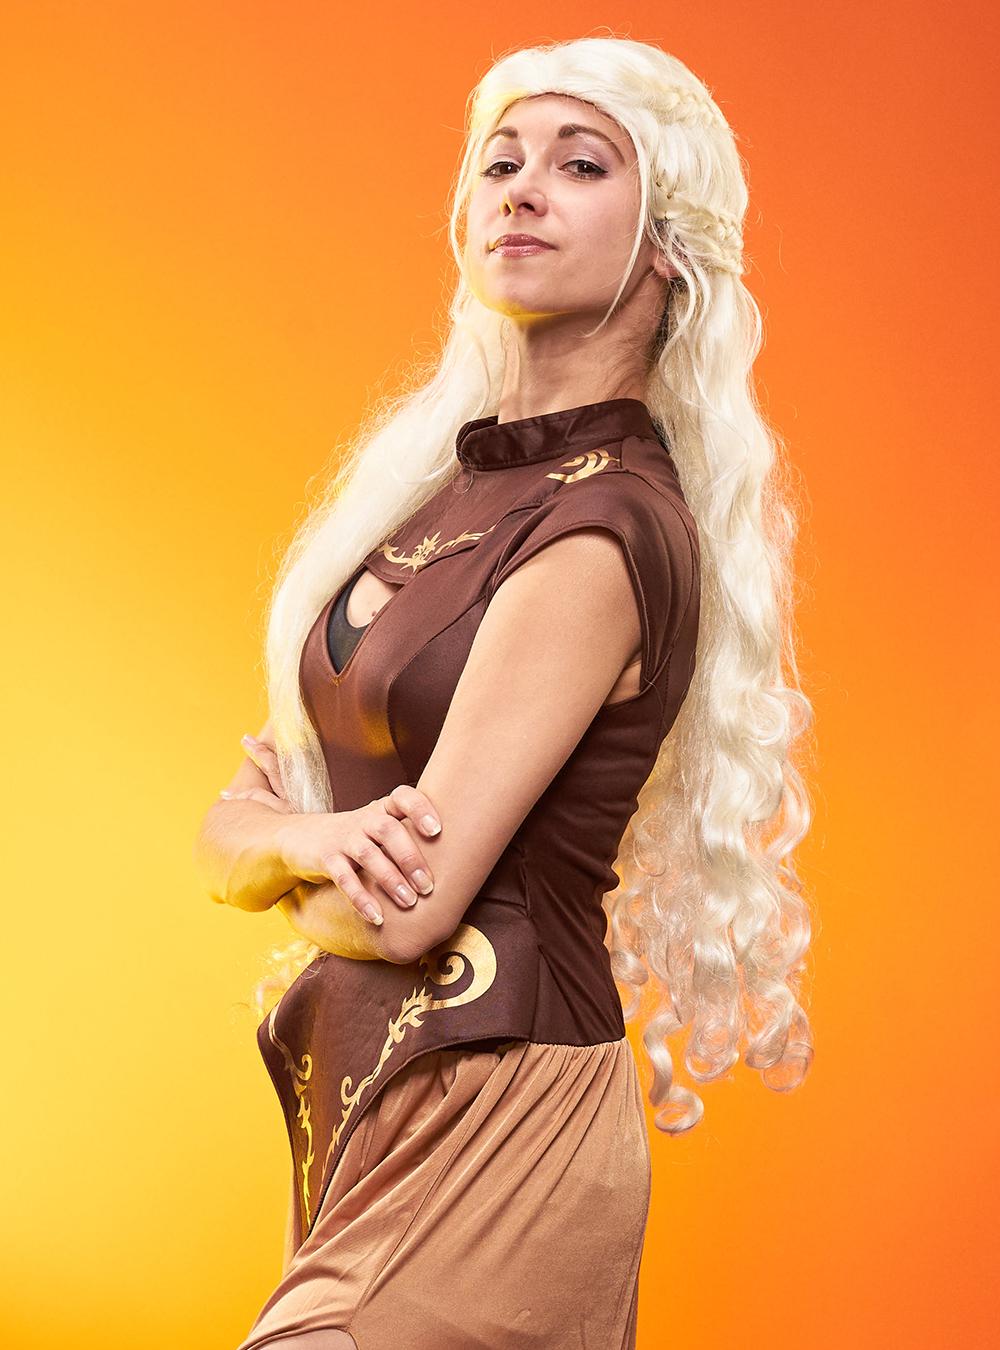 Daeneryous Targaryen